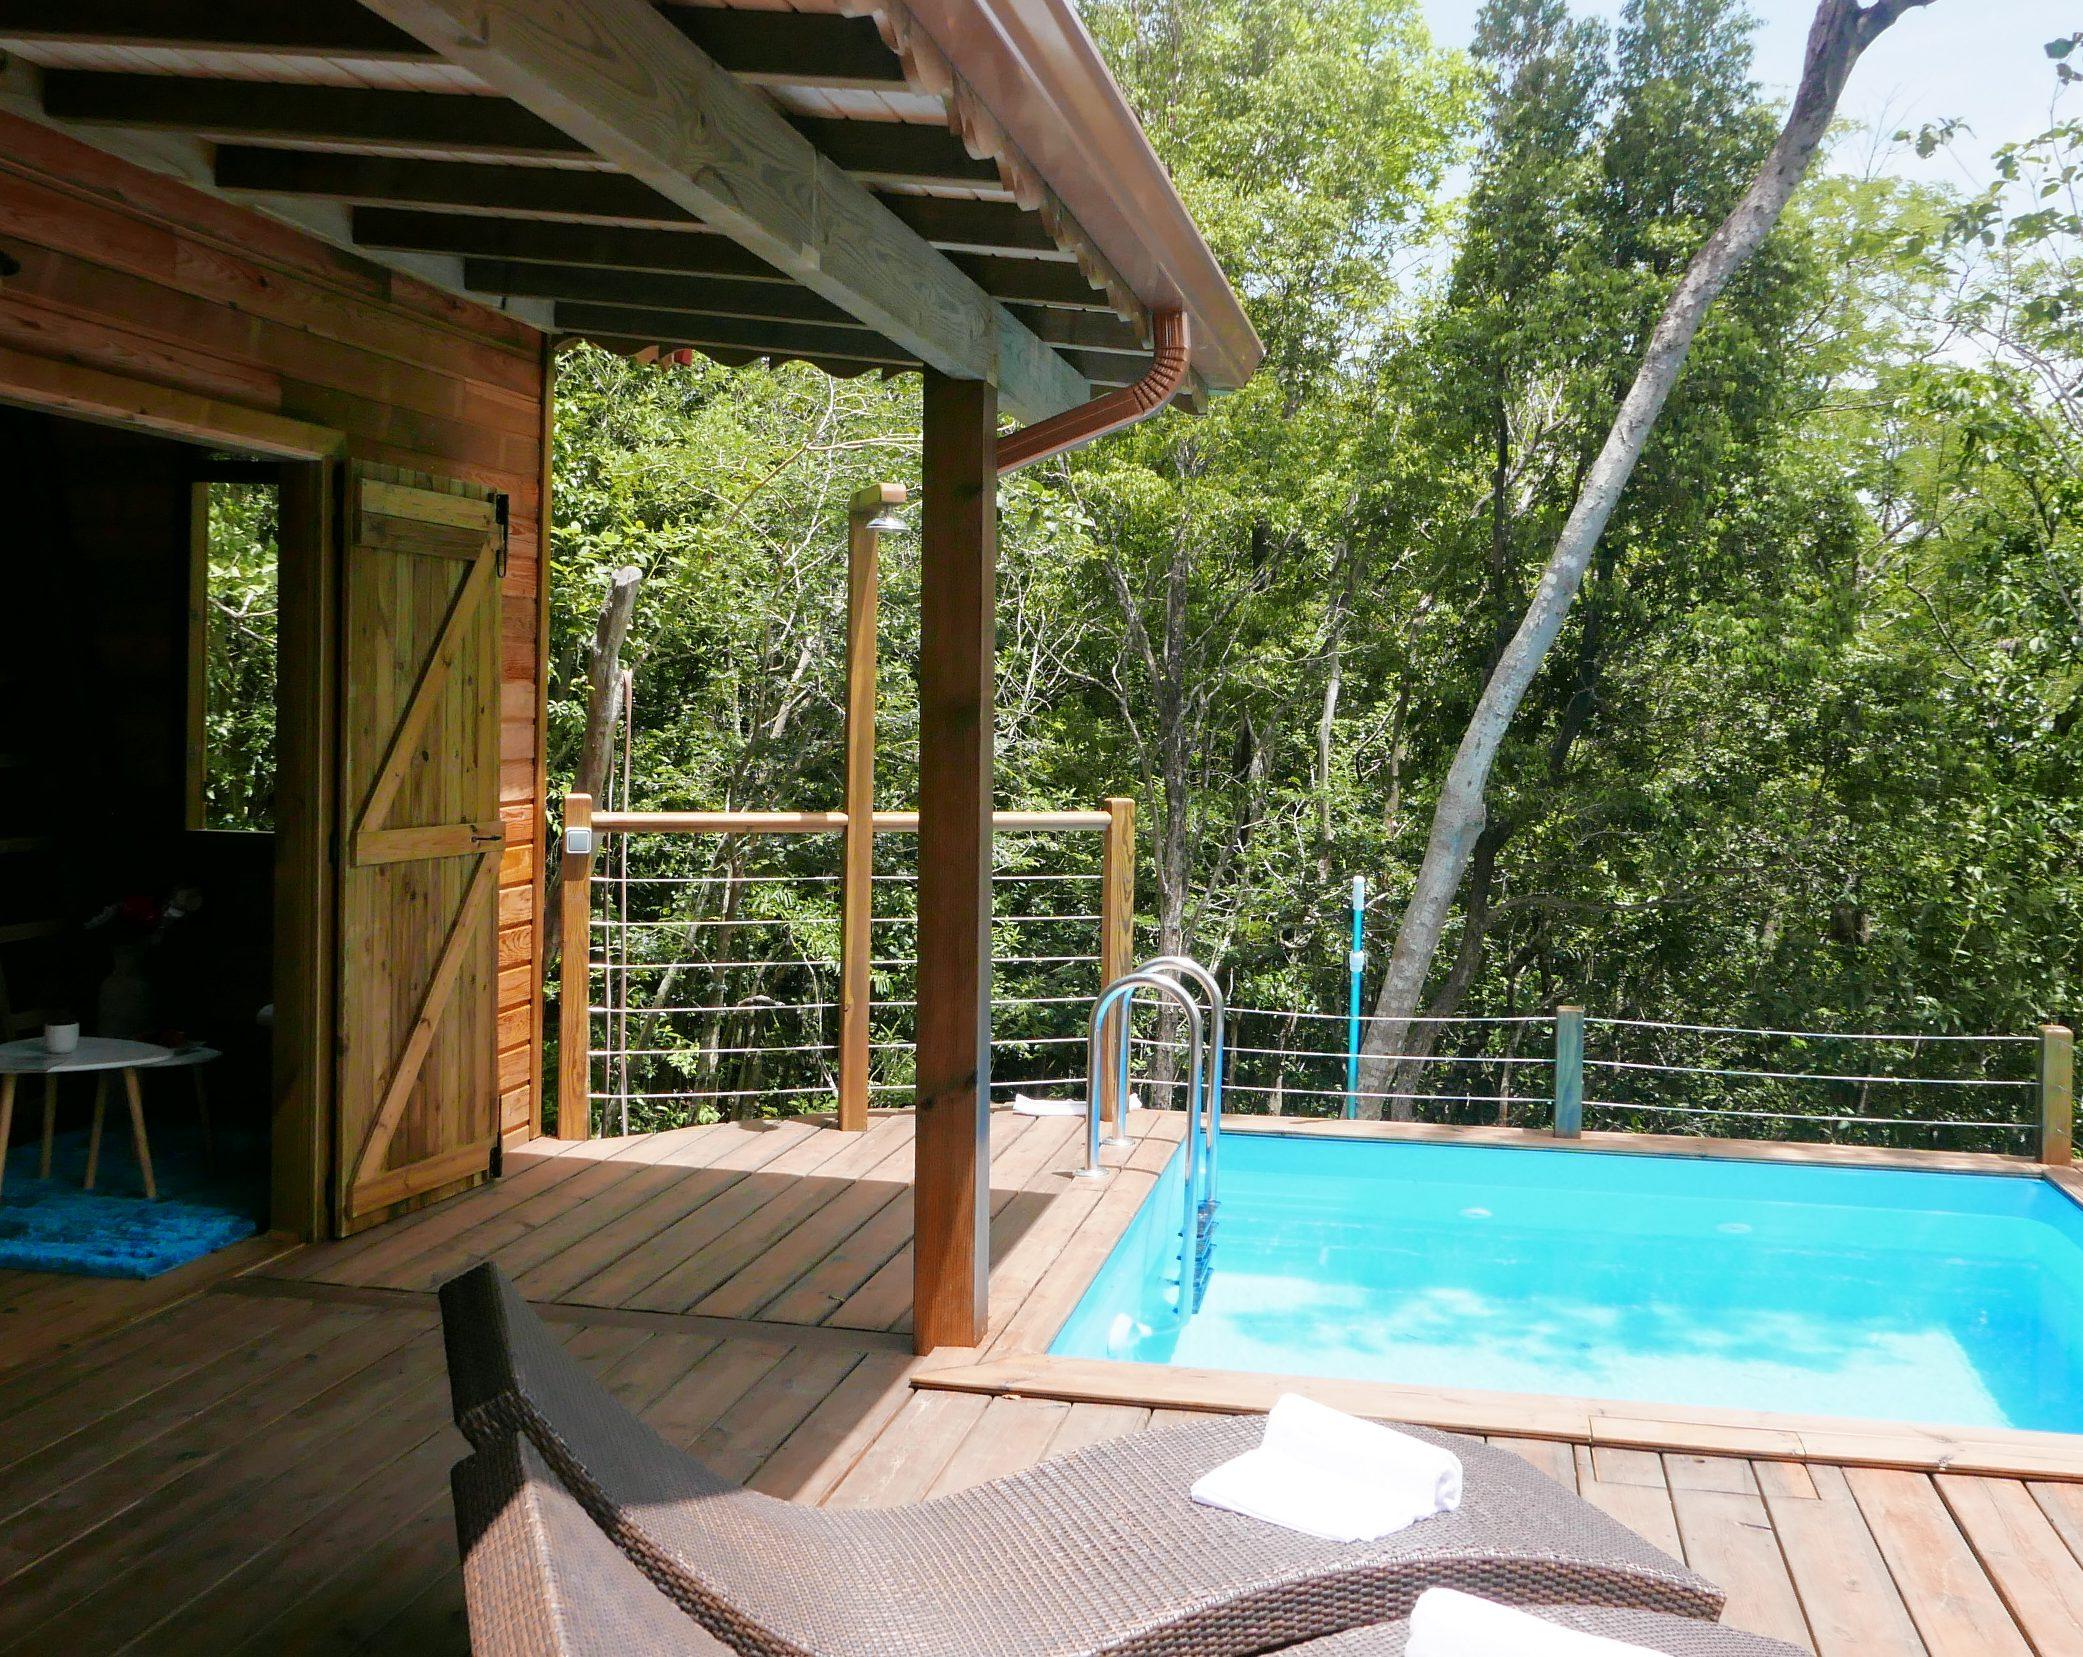 Tendance Eco-Lodge : L'exemple Du Jardin Des Colibris En ... dedans Jardin Des Colibris Guadeloupe